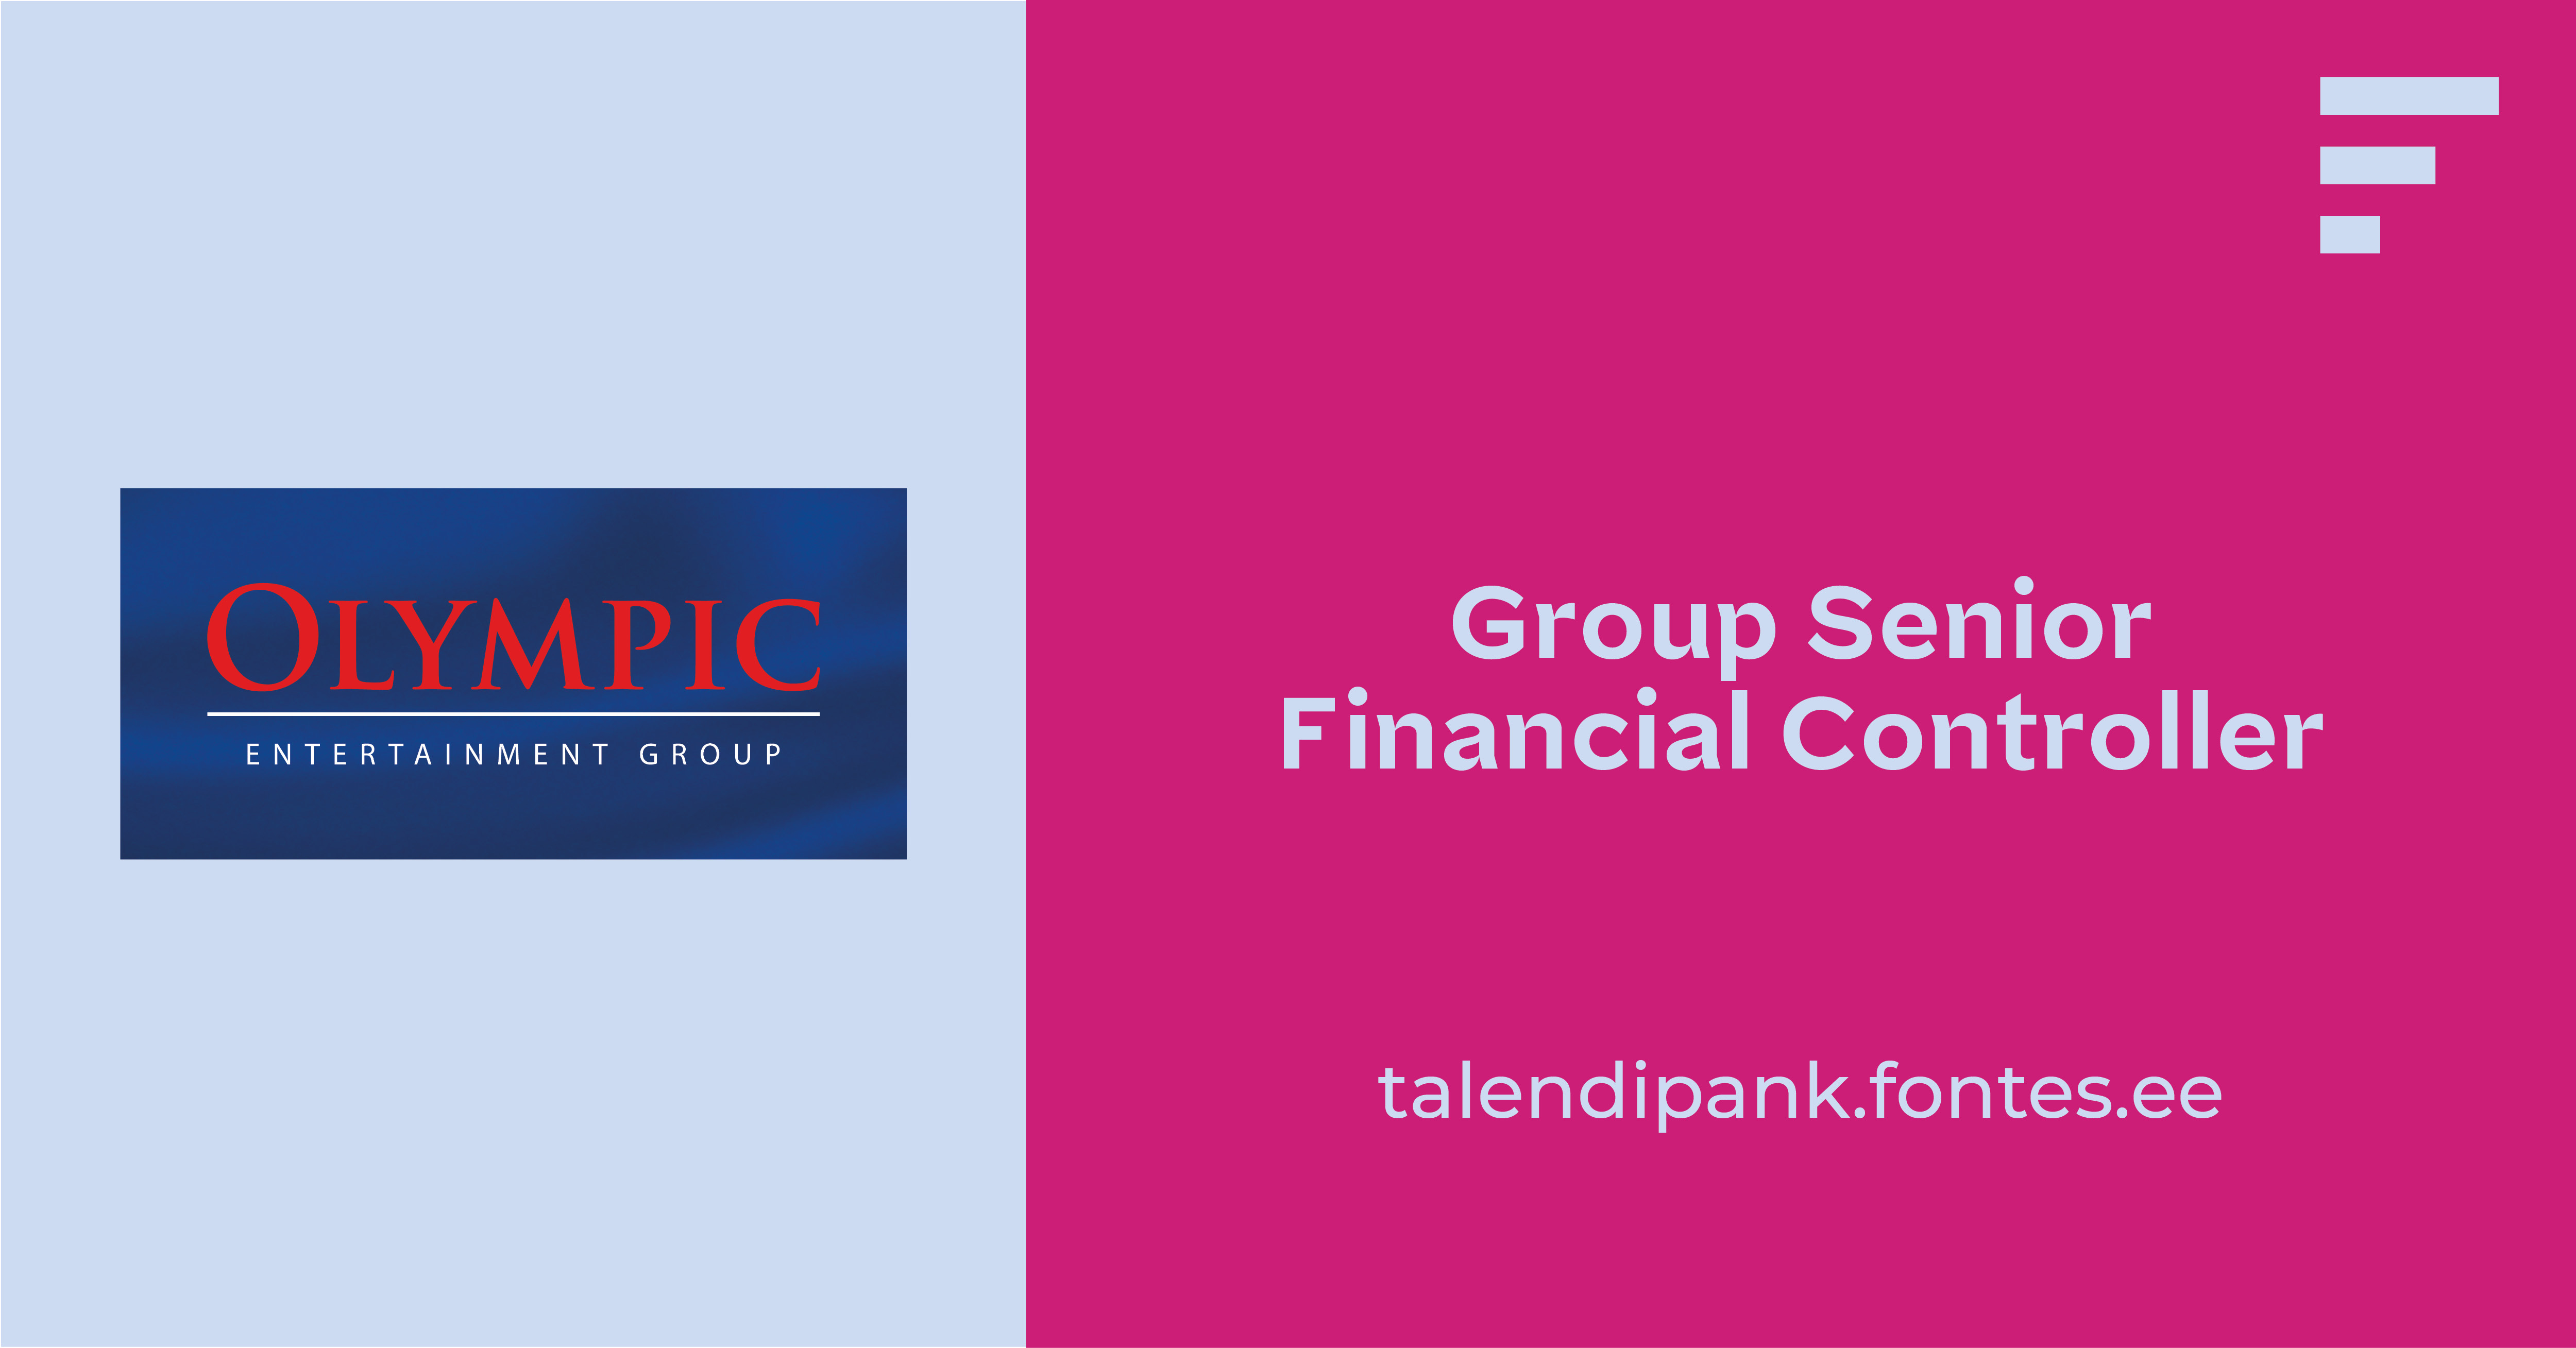 GROUP SENIOR FINANCIAL CONTROLLER